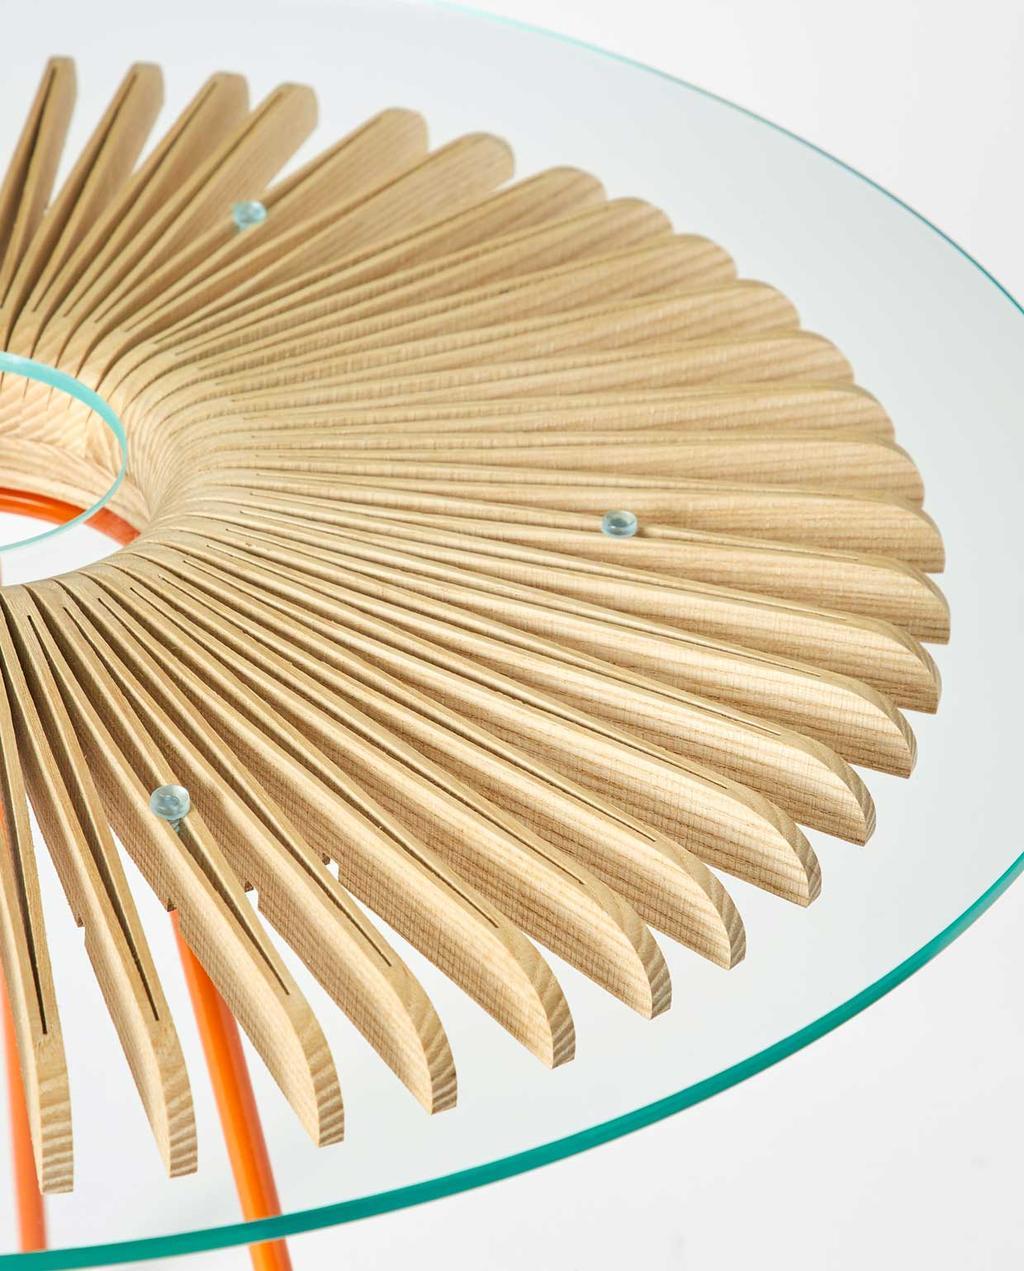 vtwonen | studentdesign | concertina-collectie | Huw Evans | details van de tafel